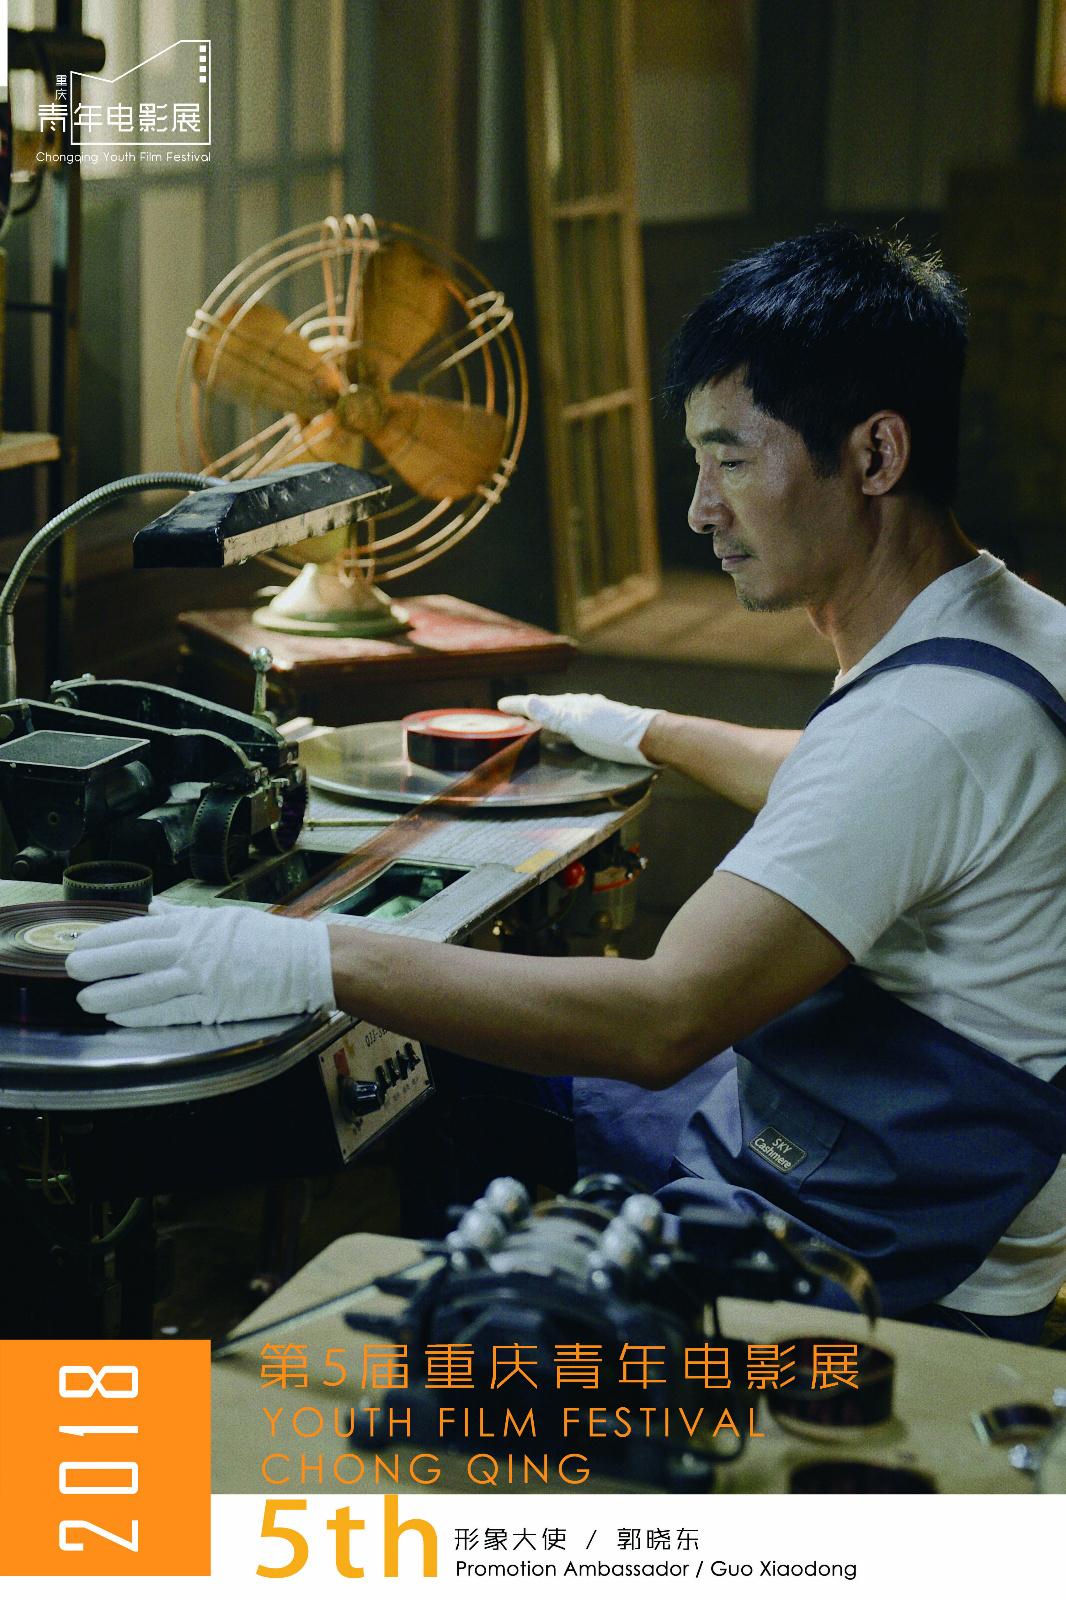 聚焦青年電影人郭曉東擔任第五屆重慶青年電影展形象大使